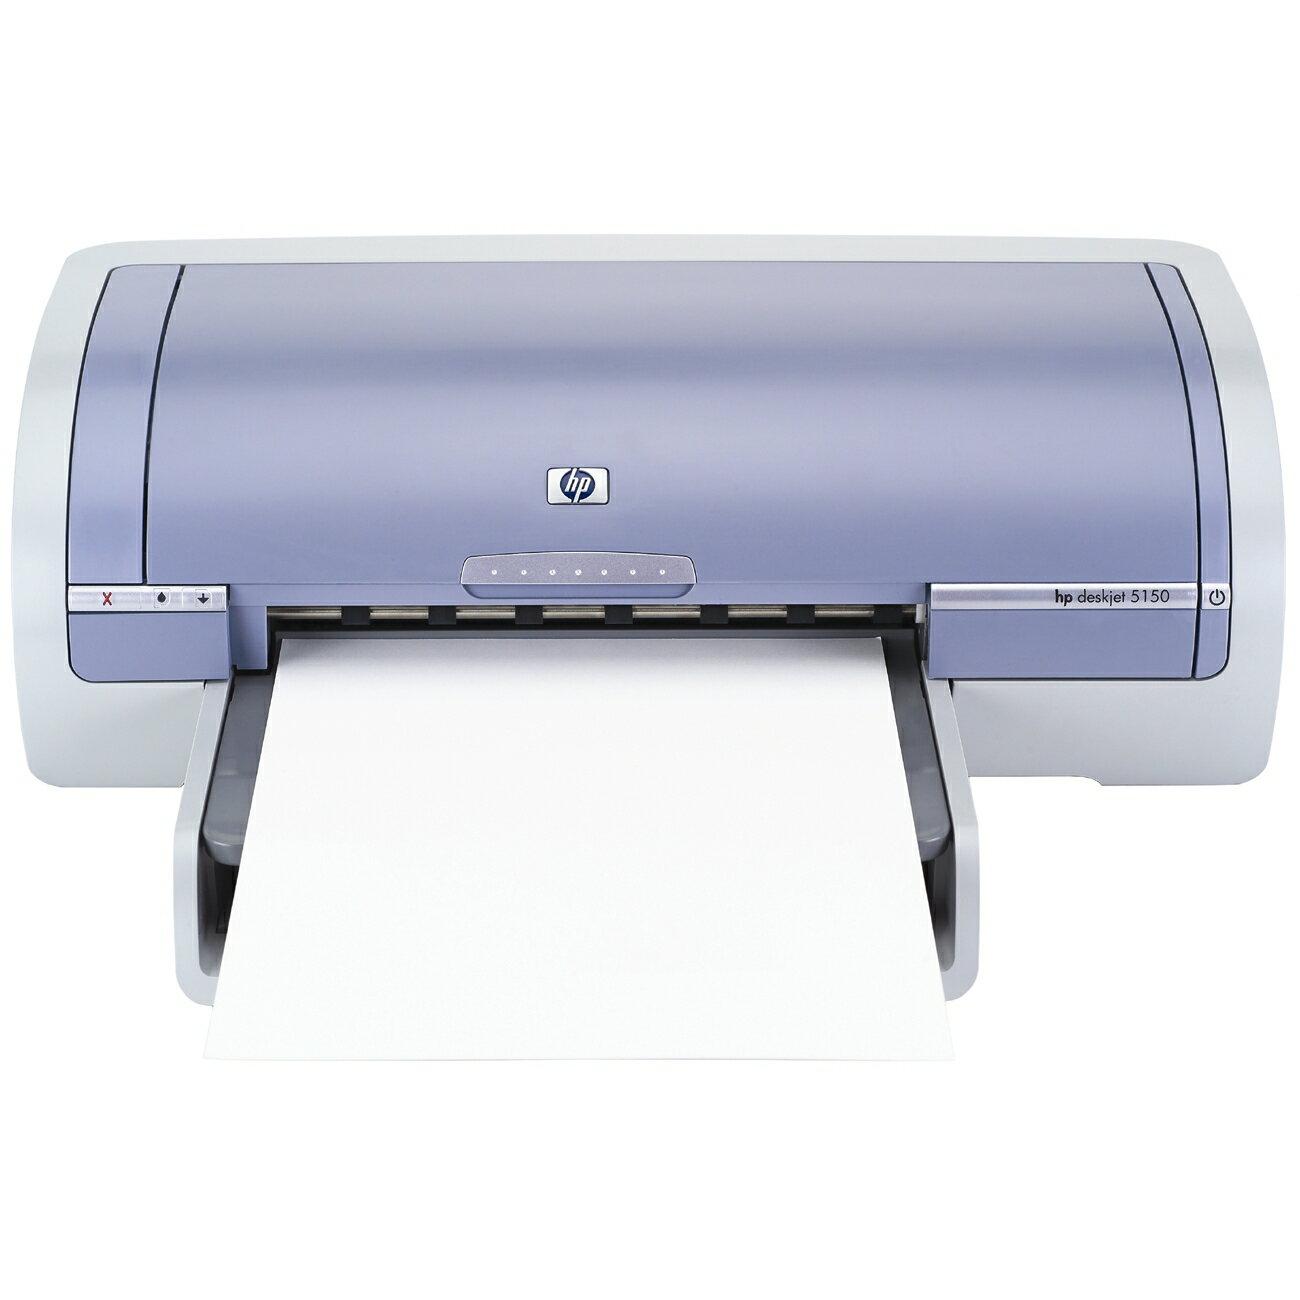 HP Deskjet 5150 Color Inkjet Printer 0